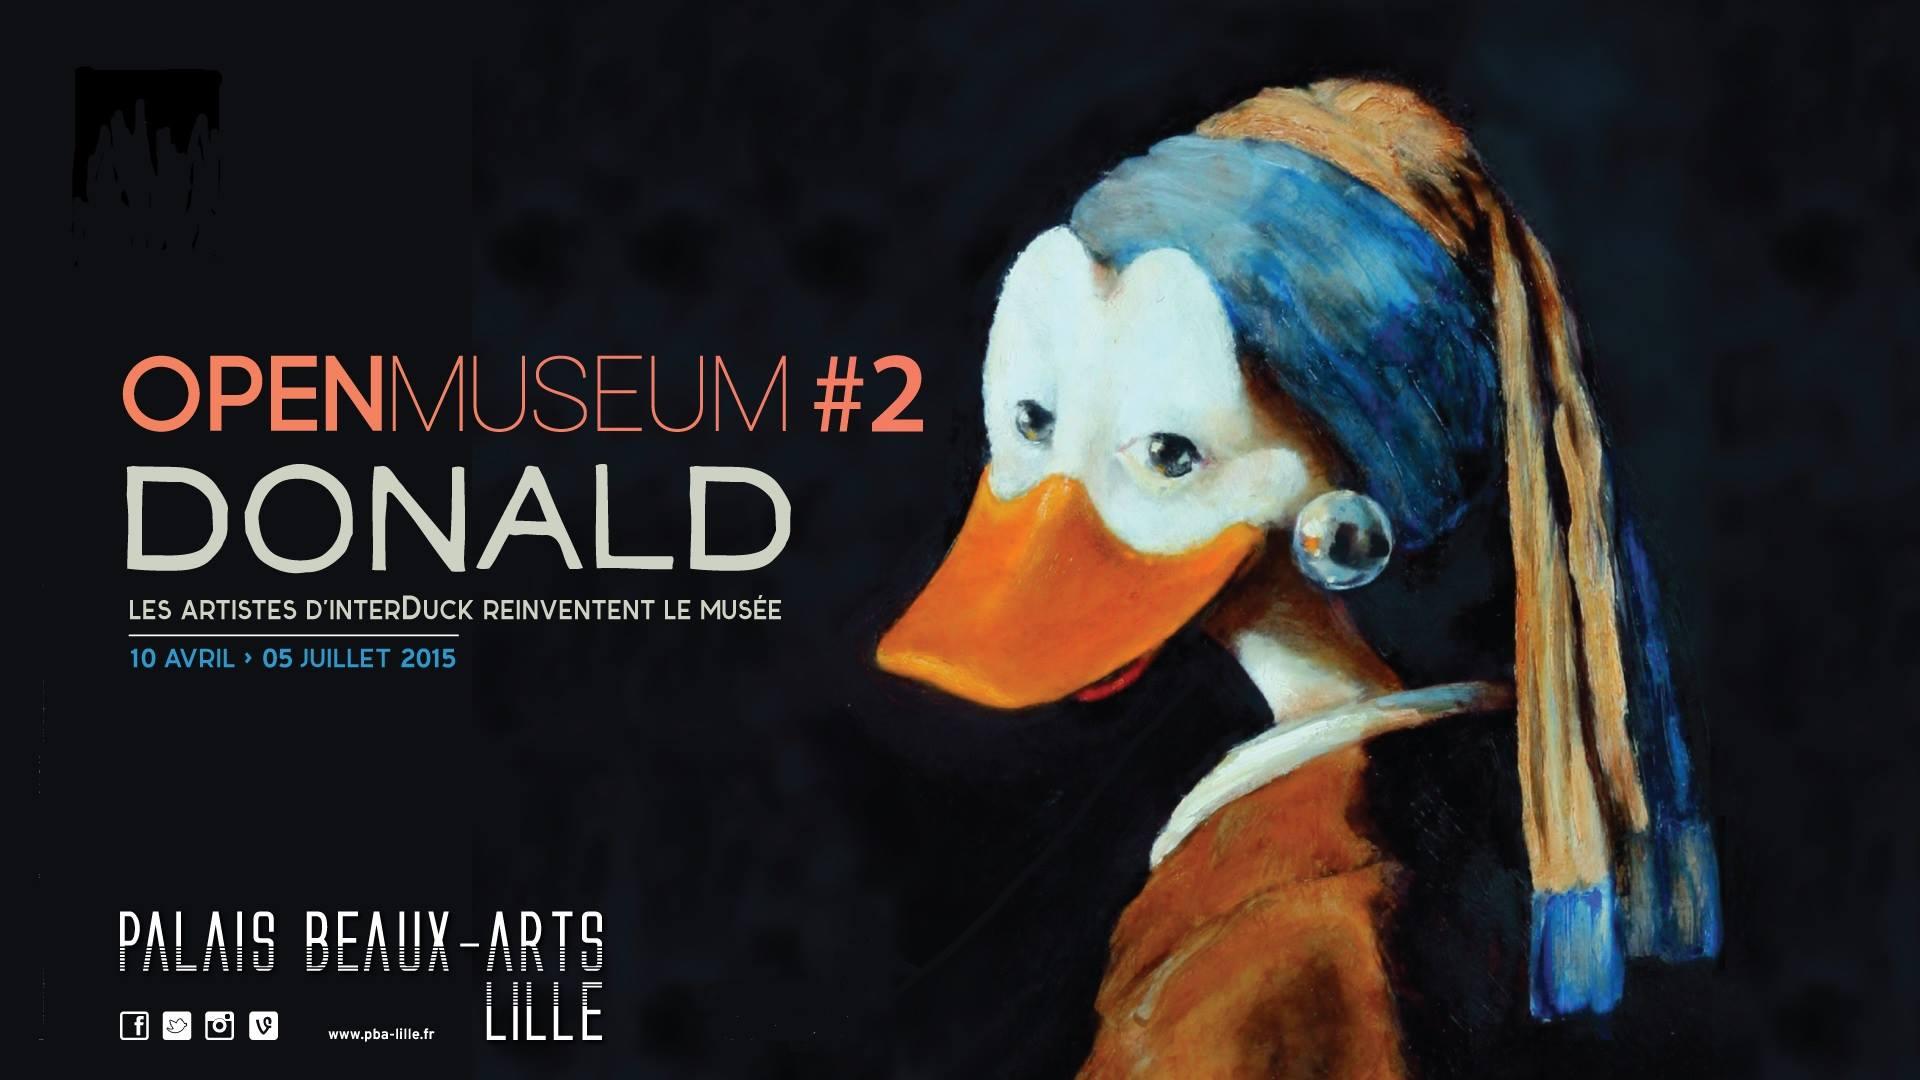 interduck_pba_lille_open_museum_donald